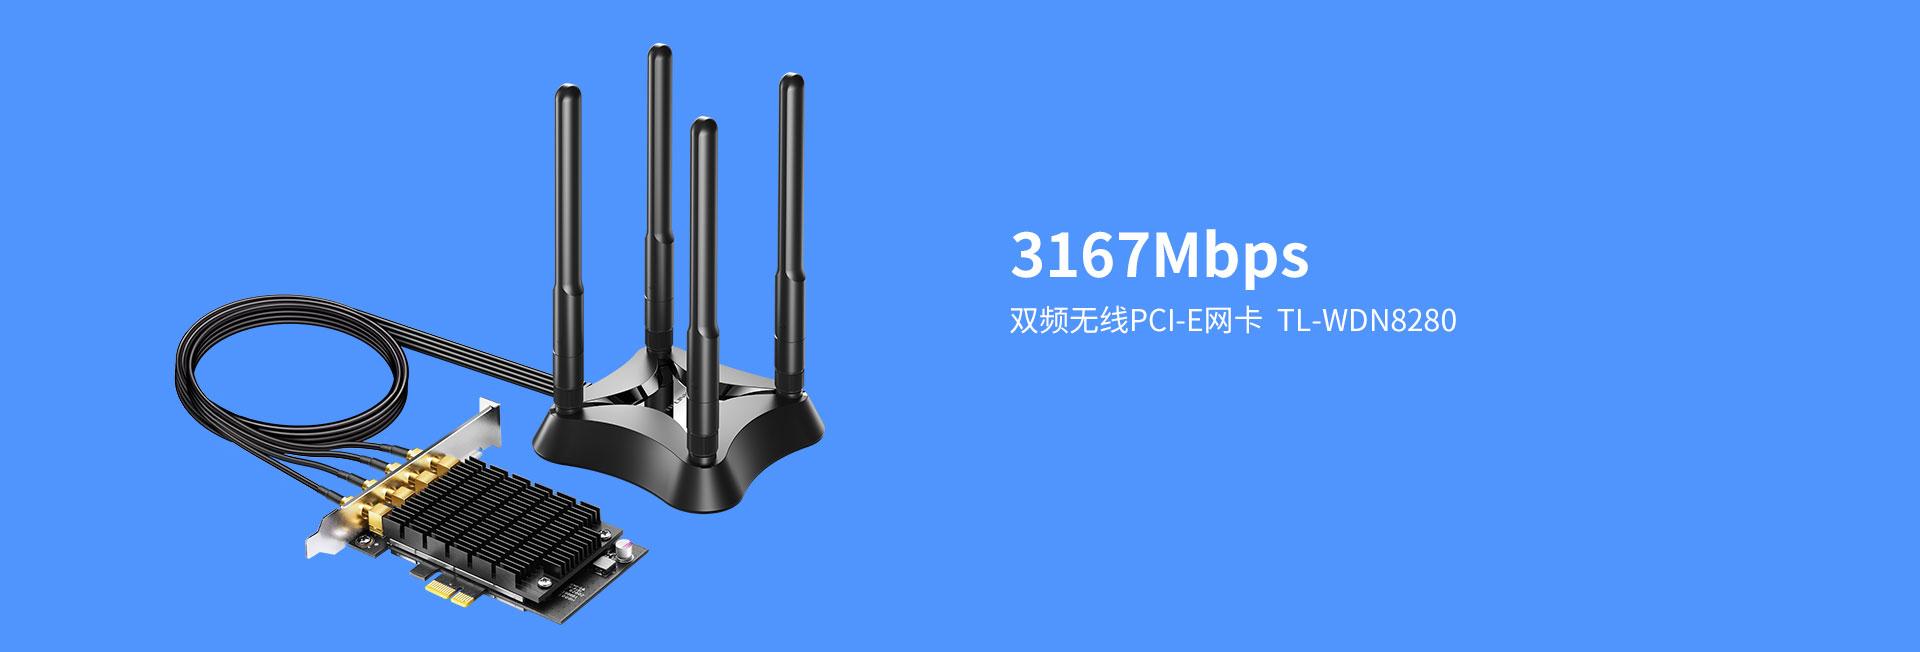 TL-WDN8280